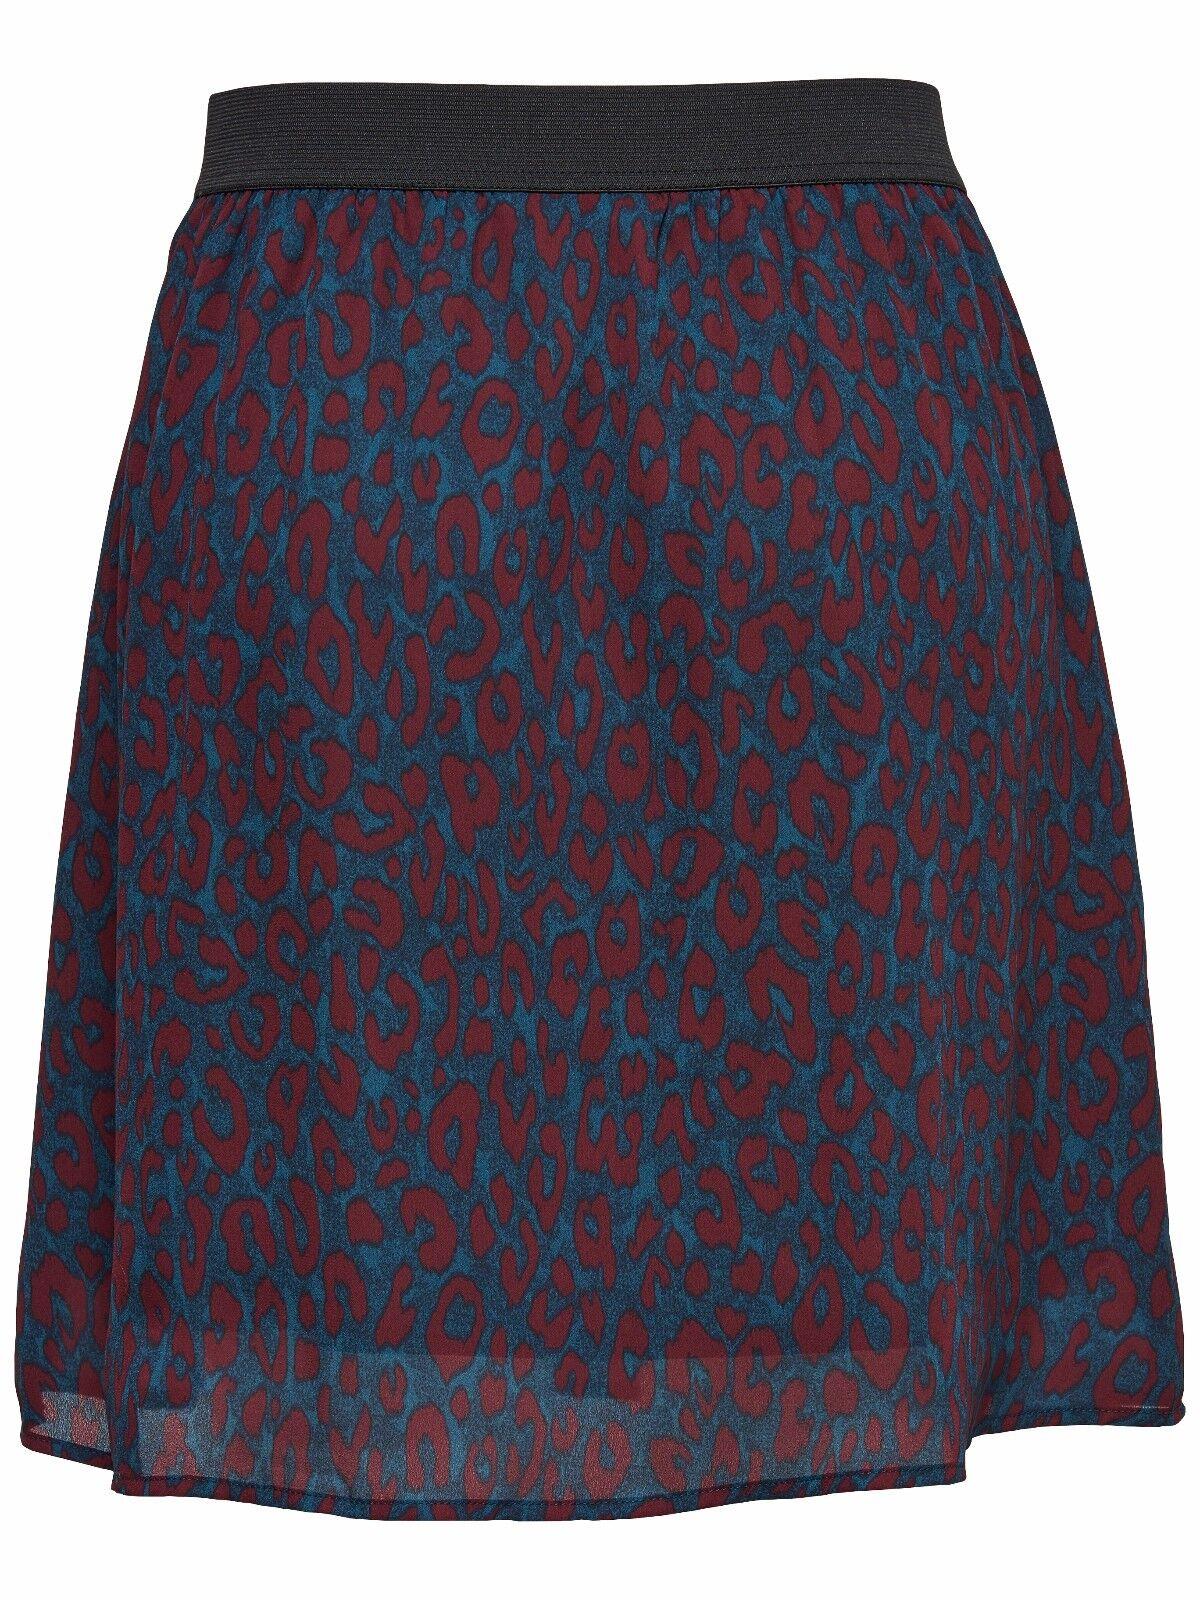 10/8 NEW Only Ladies Skater Skirt Summer Short onlsui Skater Skirt WVN size M/38